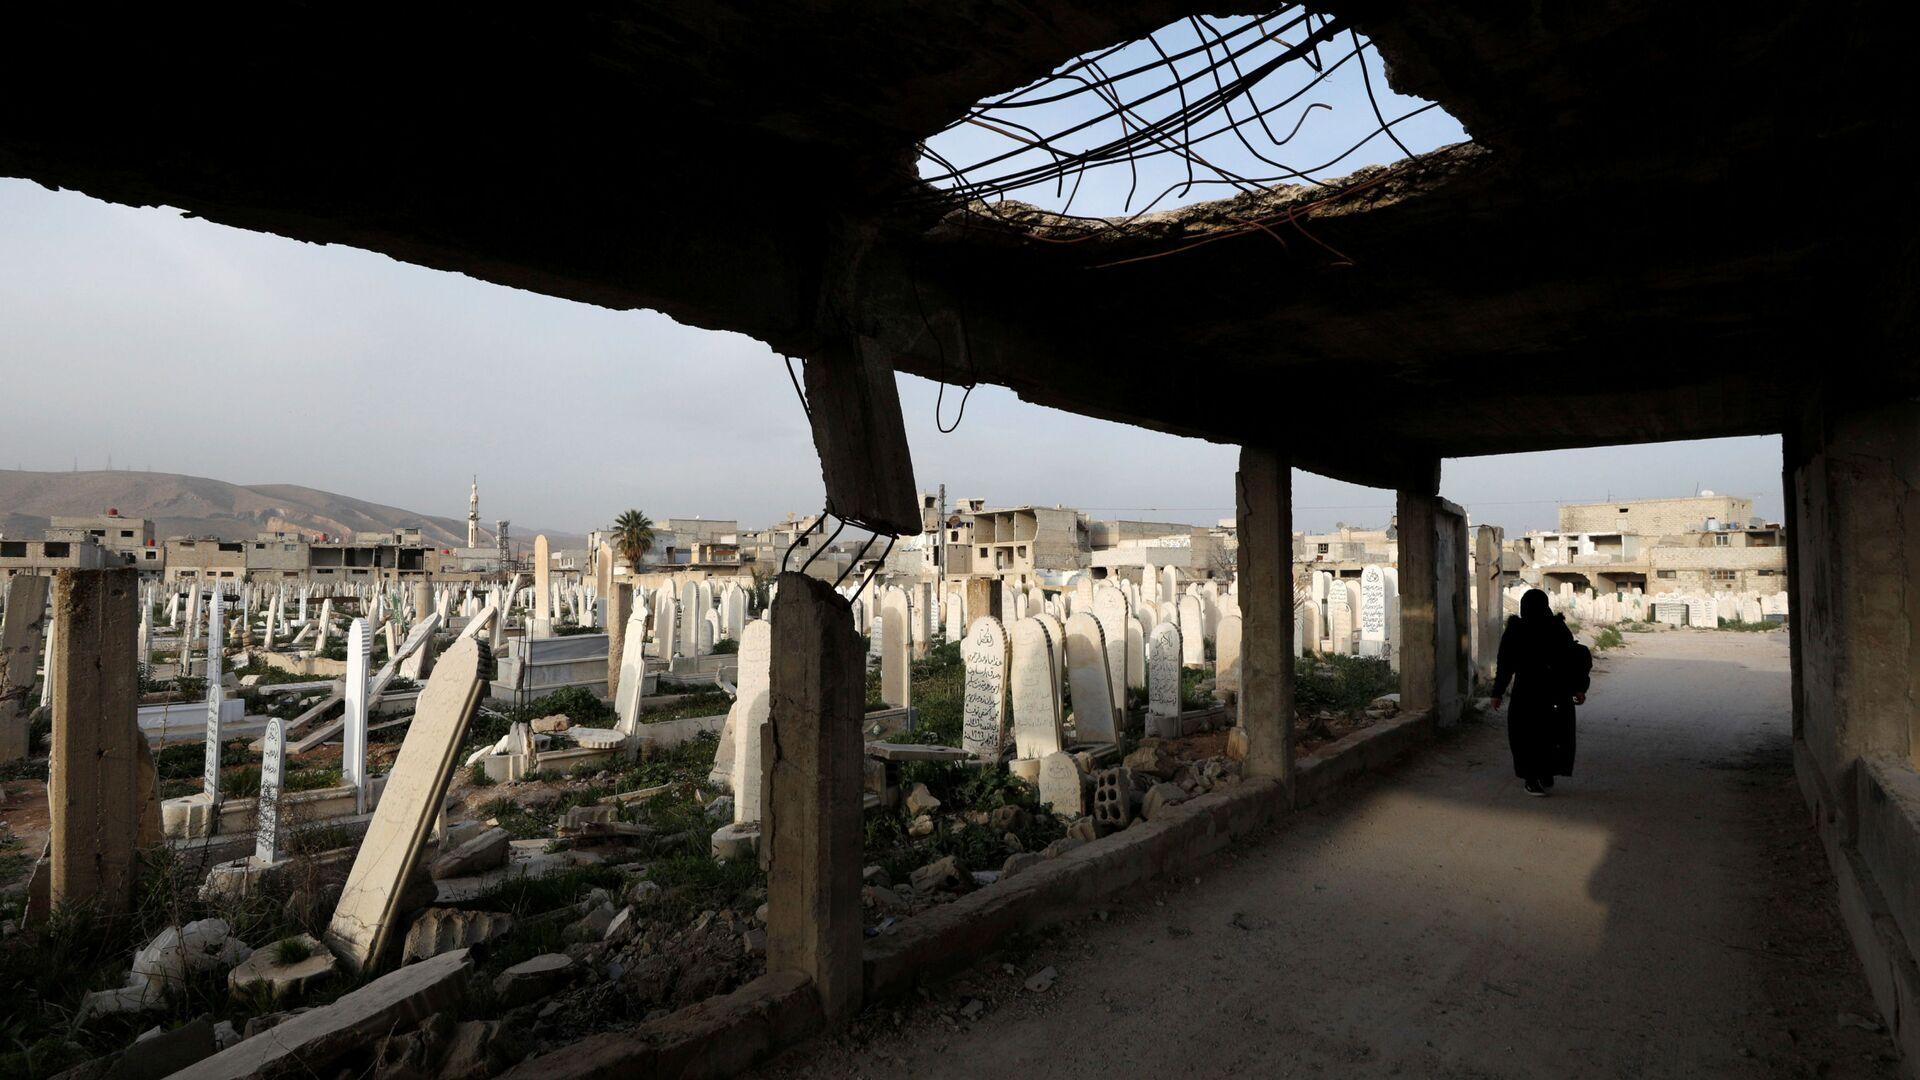 Kobieta idzie na cmentarzu w Dumie, na przedmieściach Damaszku, Syria - Sputnik Polska, 1920, 08.09.2021